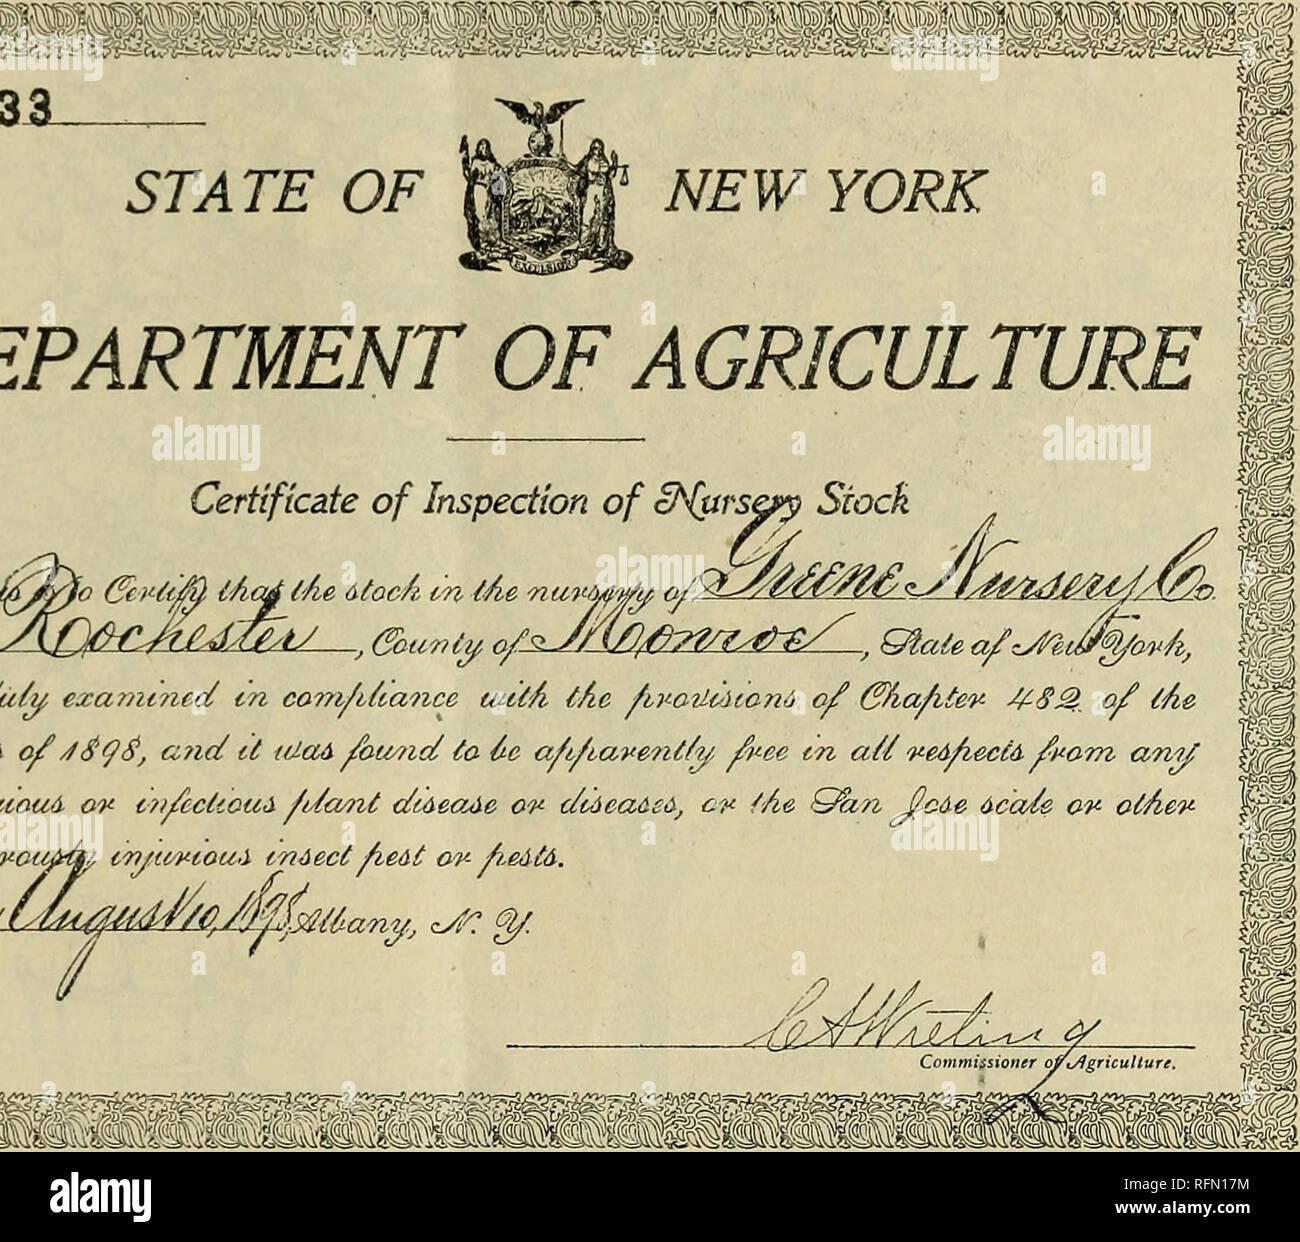 """. Catálogo de verano y otoño : macetas con plantas de fresa, árboles y plantas ornamentales. Viveros en Nueva York (estado) Catálogos de Rochester; catálogos de plántulas de árboles frutales; fruto de los catálogos. Certificado de inspección de cN&rs* """"Aod tActfjAe 6-toc/i cn tAe nu?> itiaA c/uty, ezami?icc£ m com/tttance tuti *3^aui& ofoa?id se t/JaA encontró a 6e a/t/i corUapiouA o c?s/cctioa<i ///a<?zt diaectAc ov (/(un dcvnyevoiifify iwjtwtoui indect fietit o fie&t&. Por favor tenga en cuenta que estas imágenes son extraídas de la página escaneada imágenes que podrían haber sido mejoradas digitalmente para legibilidad: una coloración Foto de stock"""